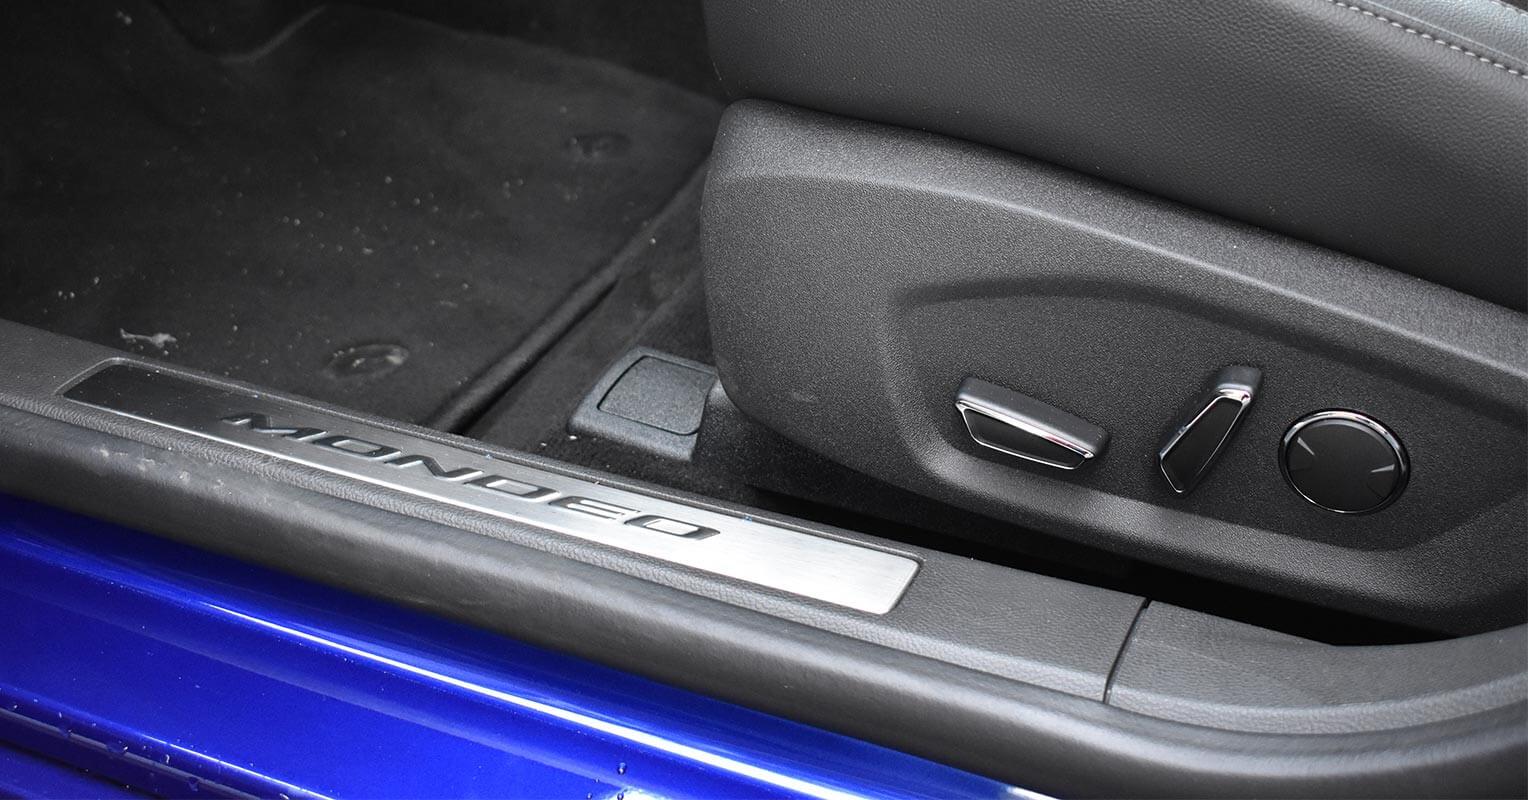 Regulación eléctrica de los asientos del Ford Mondeo híbrido